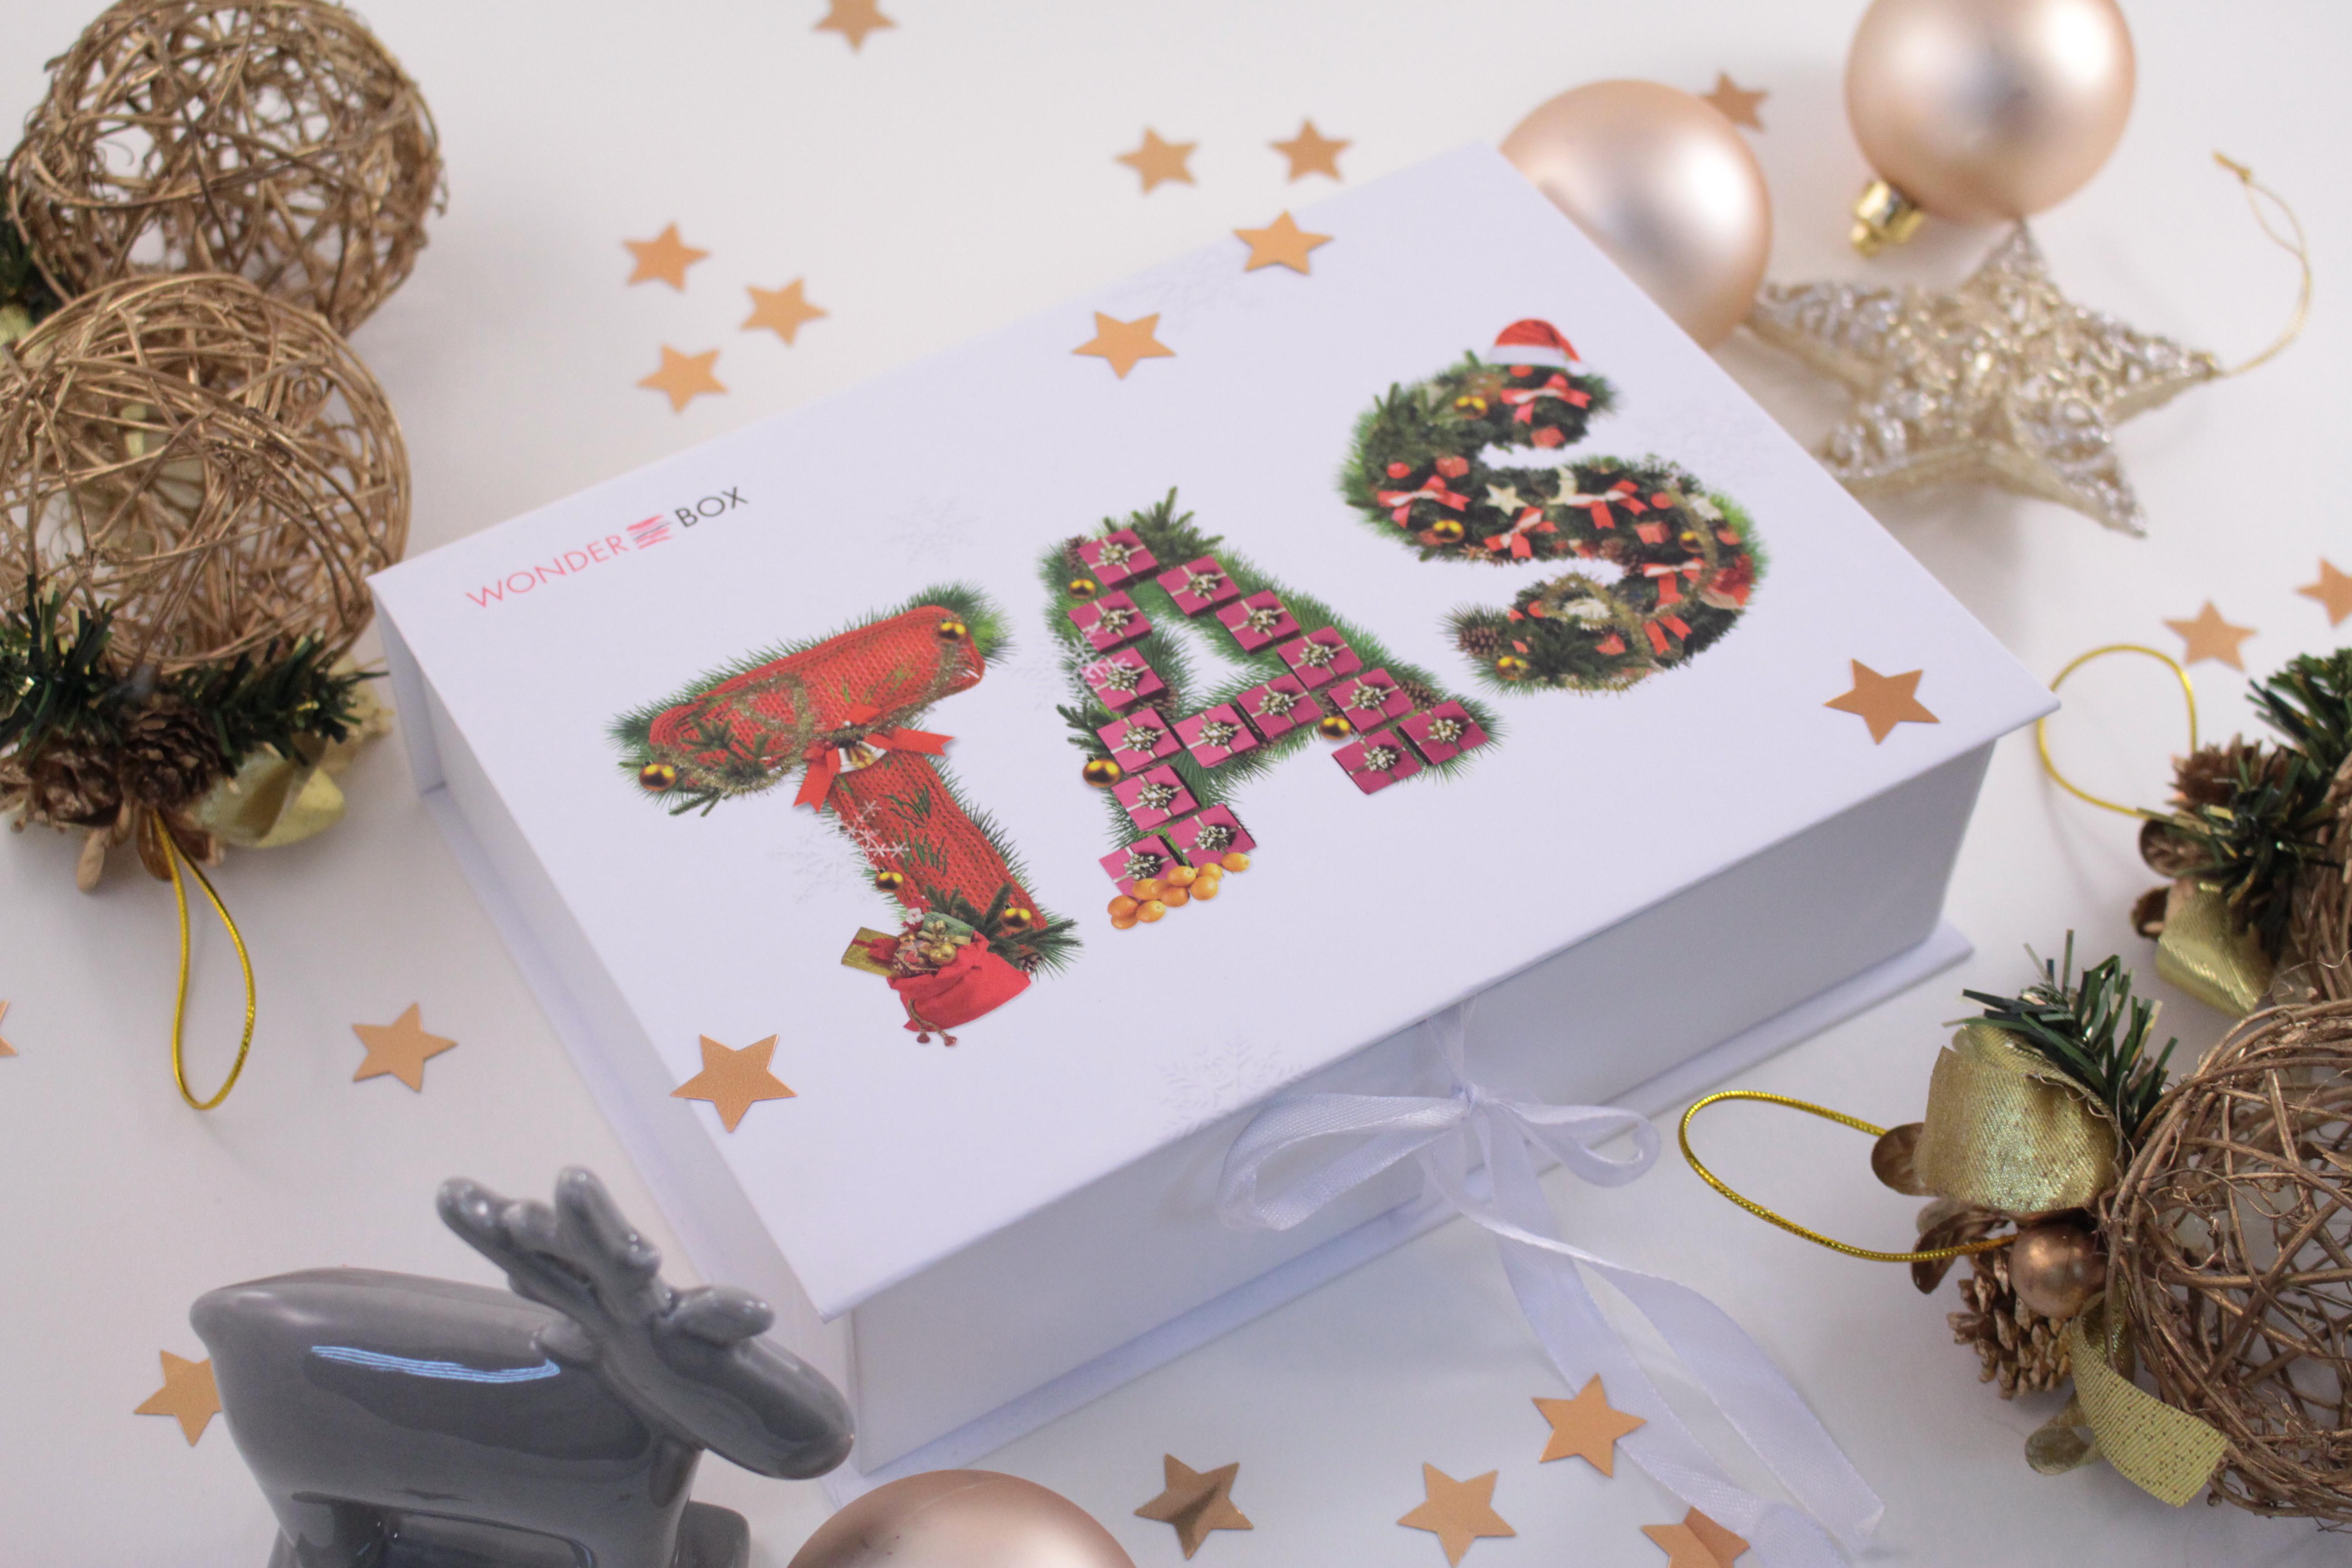 Лимитированная коробочка Wonderbox & TAS